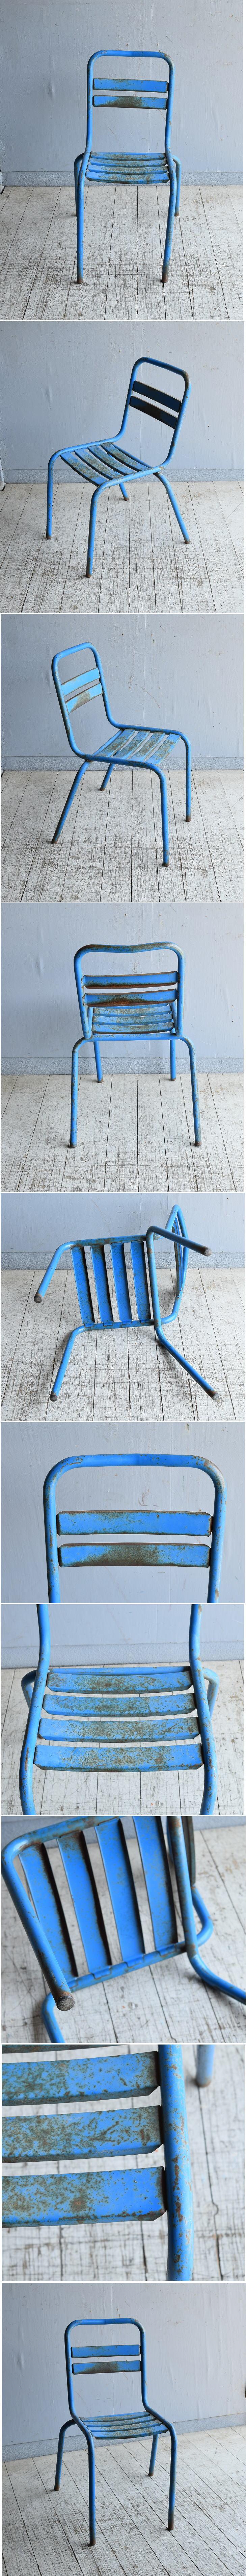 フレンチ アンティーク スタッキング ガーデンチェア 椅子 8617